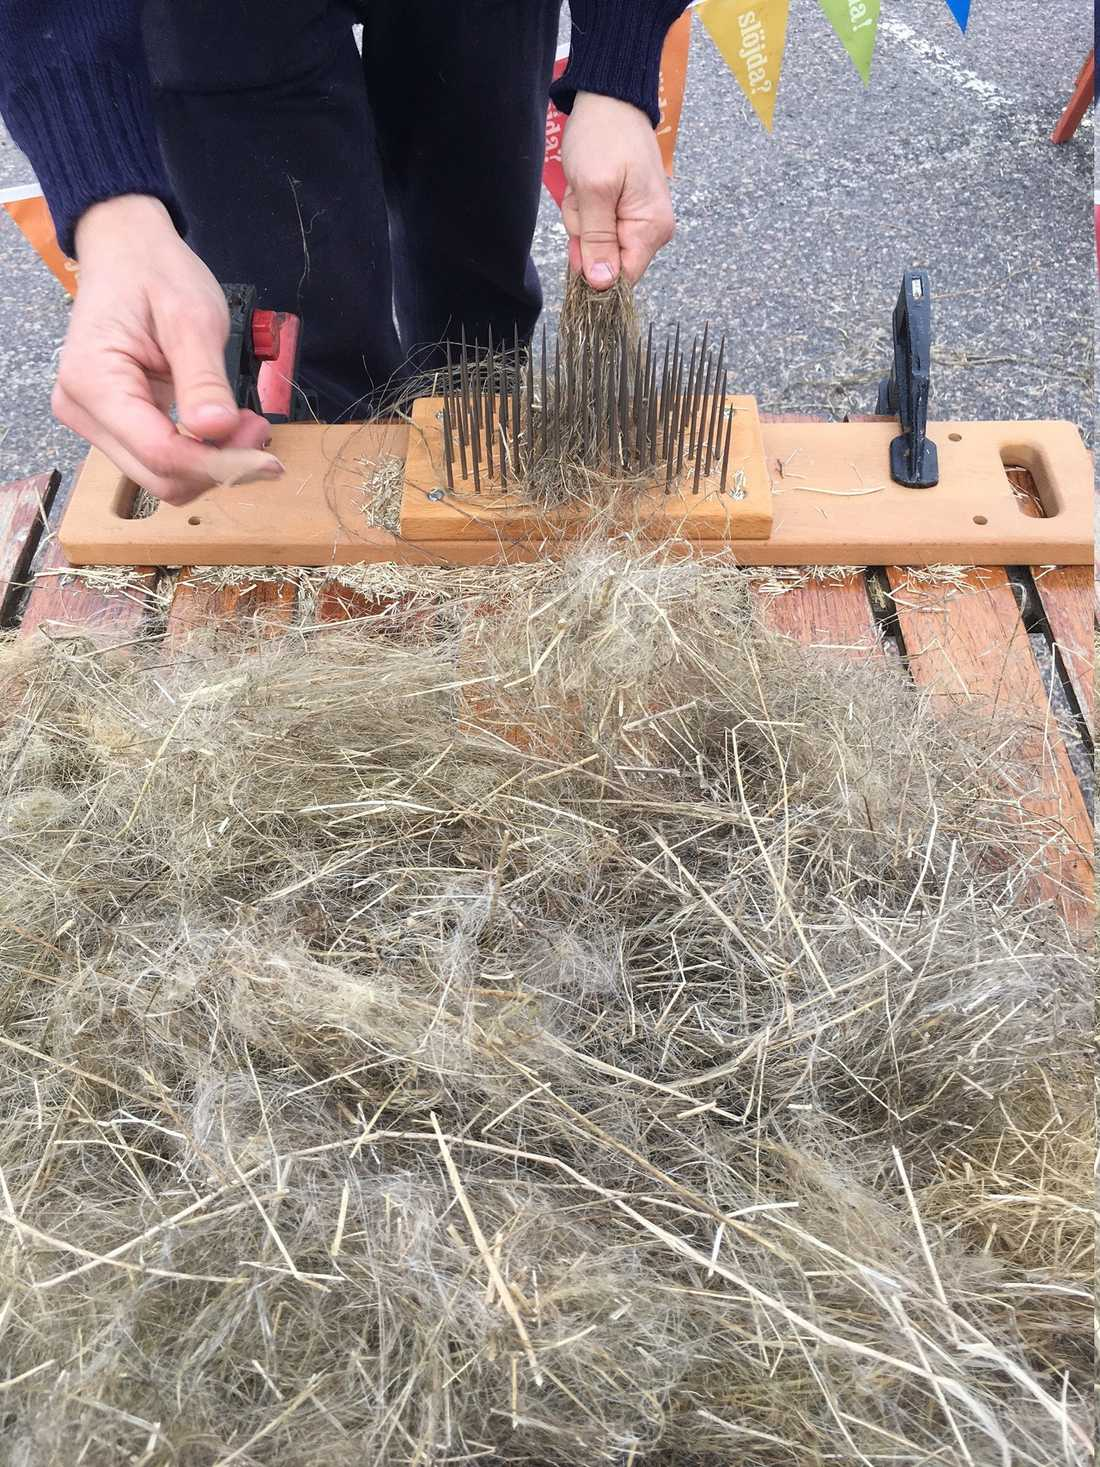 När man häcklar drar man linet genom en kam för att få fram fibrerna som sedan kan spinnas till garn.